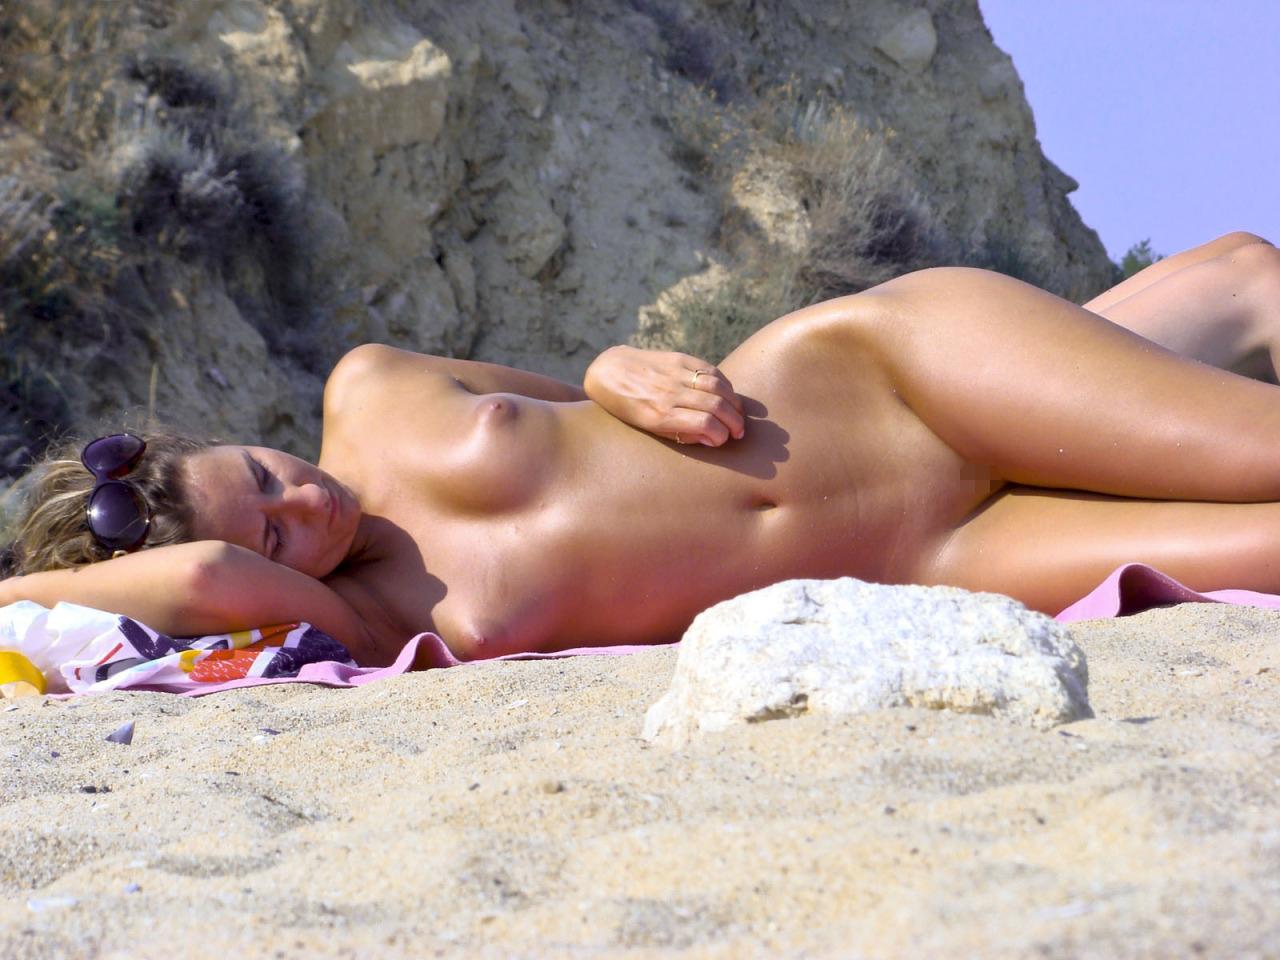 【海外エロ画像】まさに楽園!あくまでも自然を楽しむためのヌーディストビーチ(;´∀`)